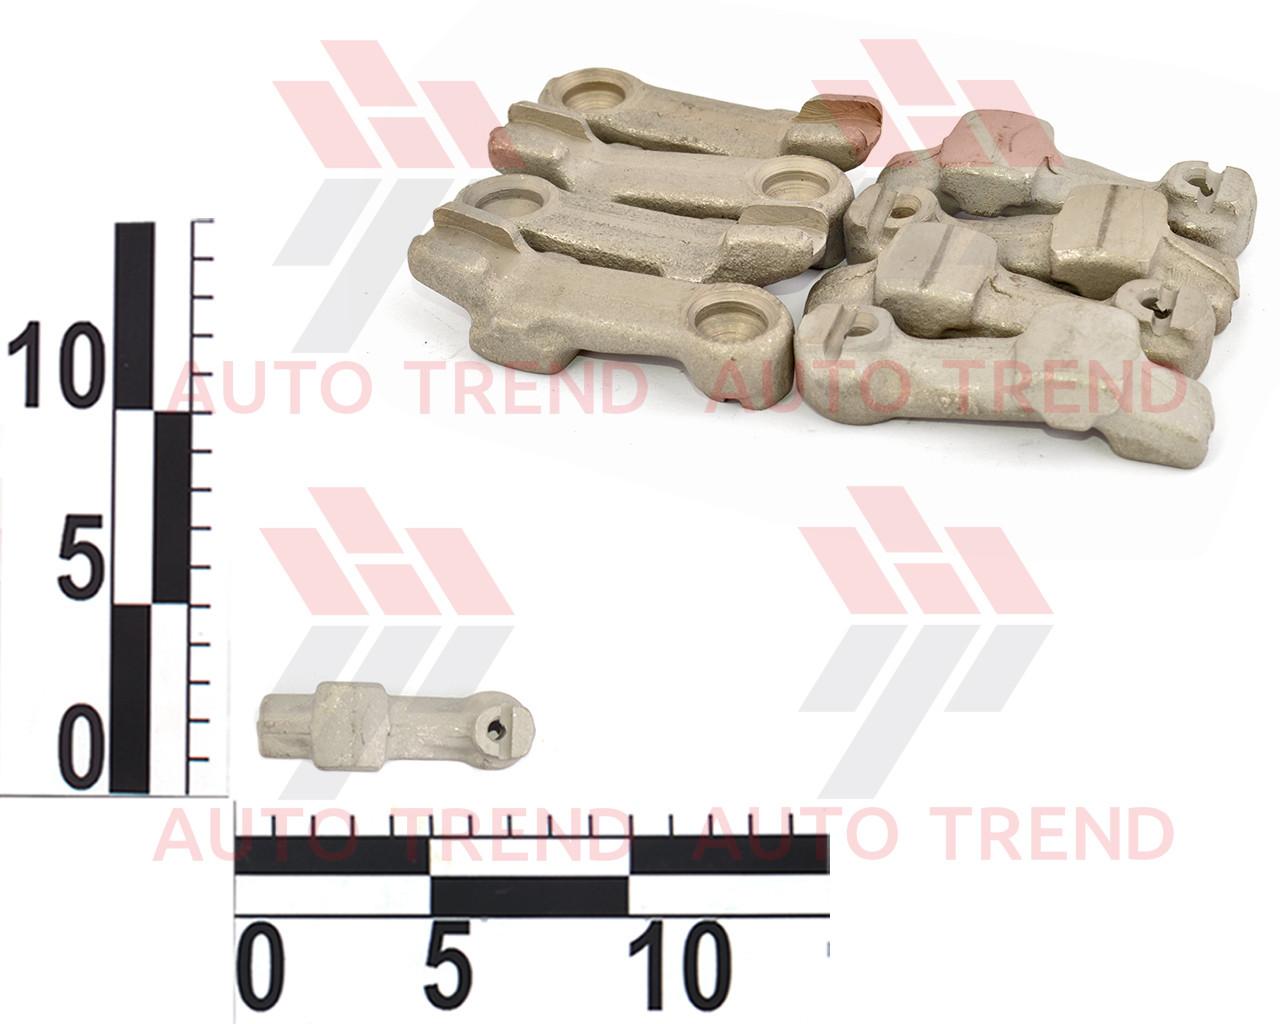 Рычаг привода клапана рокер старого образца ВАЗ 2101 2102 2103 2104 2105 2106 2107 Нива Тайга 2121 21213